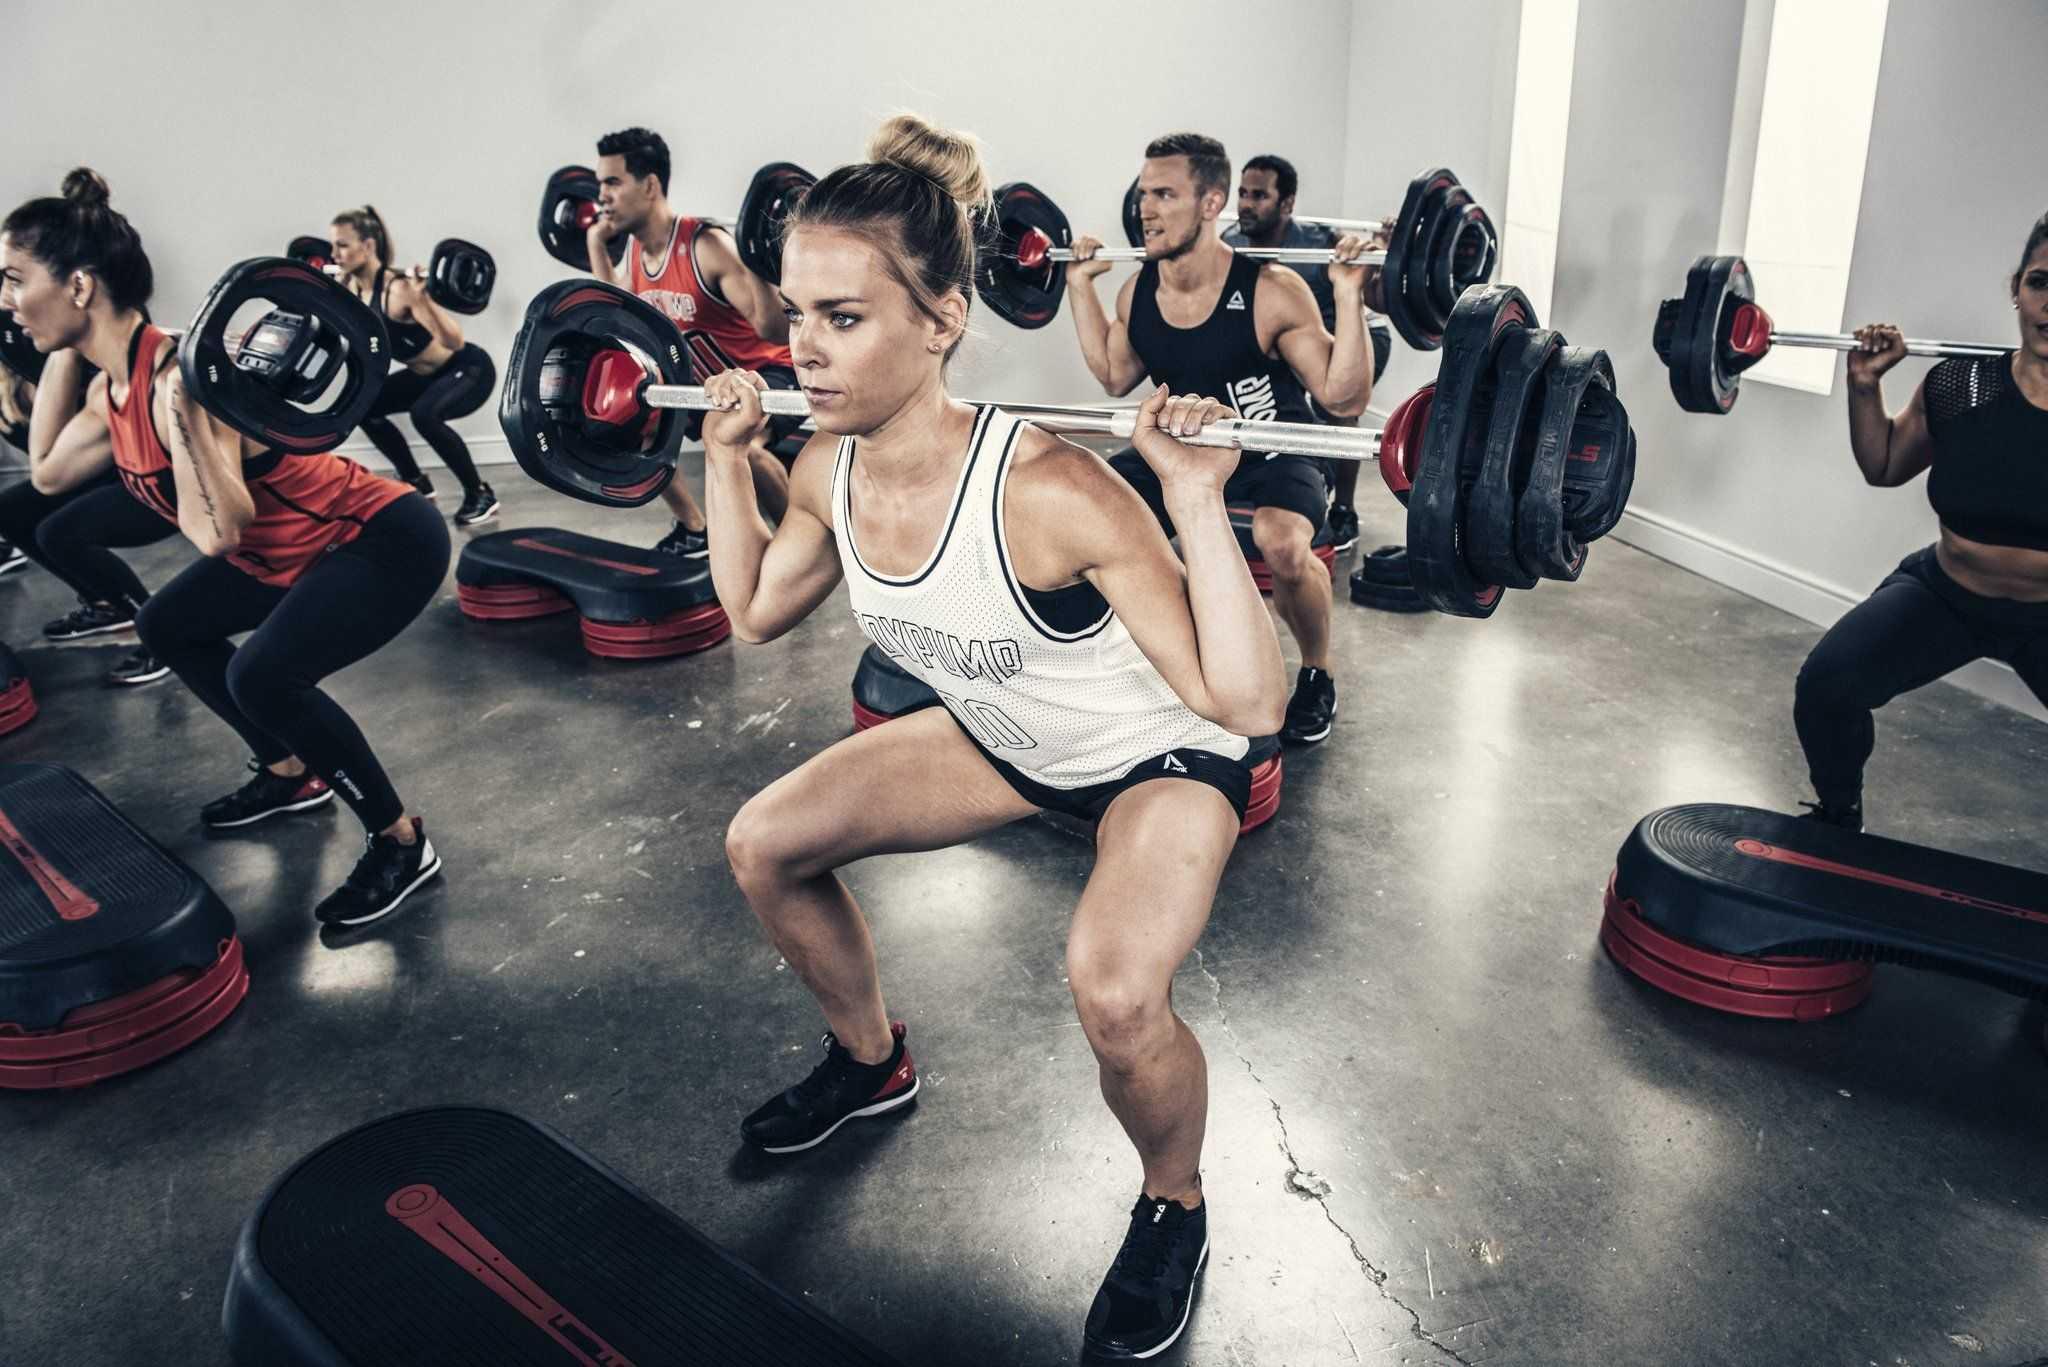 Lean Legs & Abs — это программа Кейт Фридрих для плоского живота и стройных ног Она доступная по нагрузке и подойдет тем, кто хочет привести себя в форму